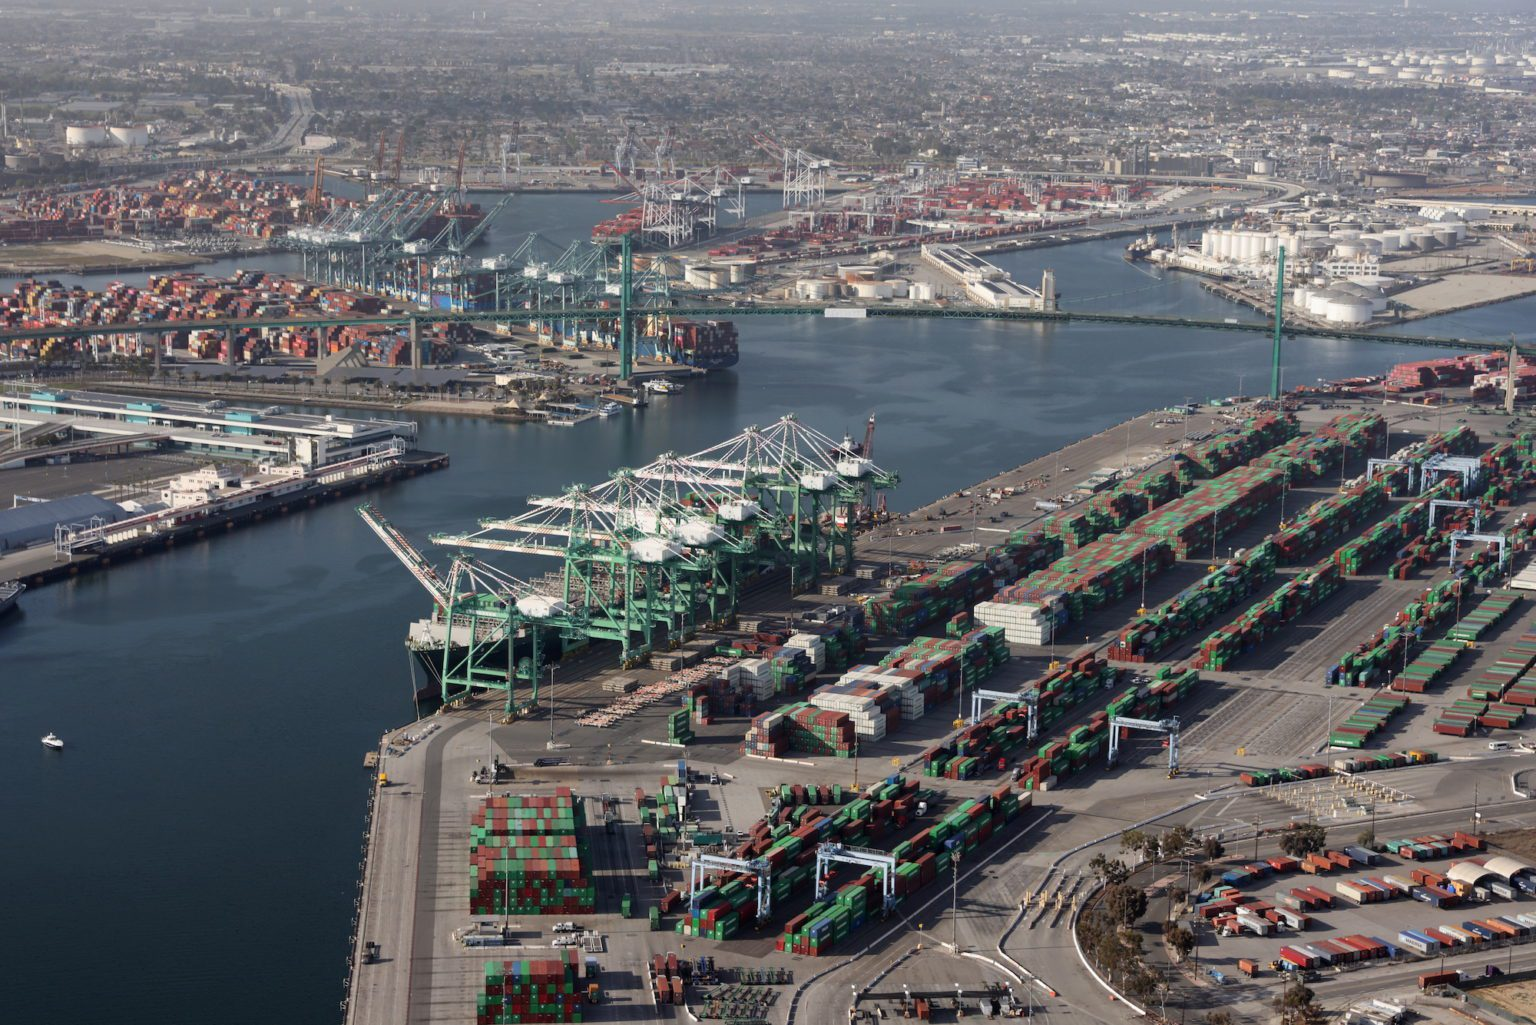 Las importaciones al por menor del país siguen en auge a pesar de los problemas de la cadena de suministro